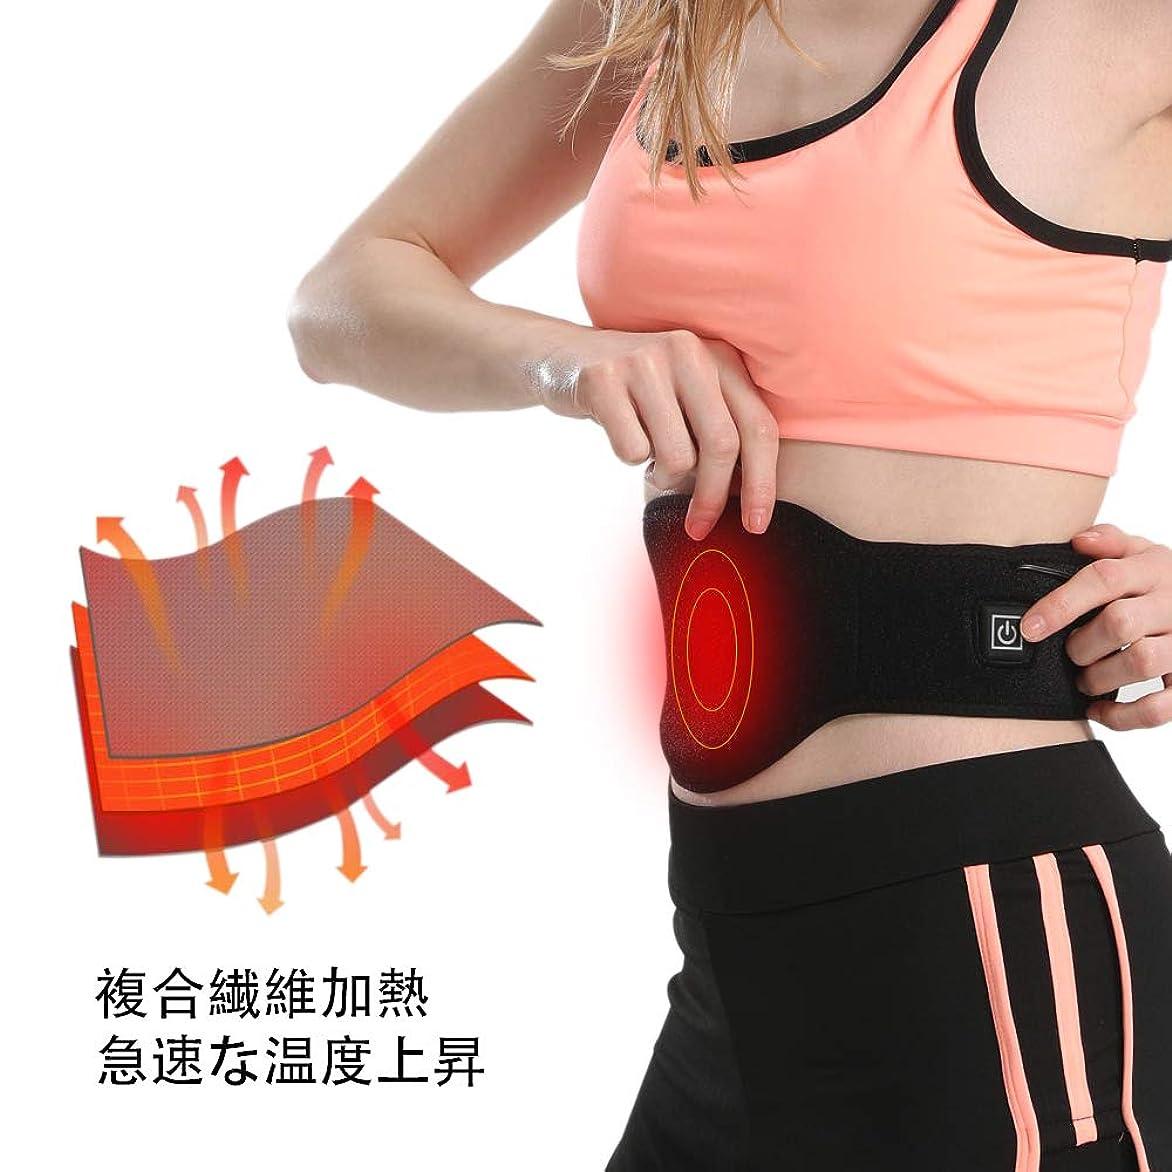 おとうさん上に築きます示すAroma Season 電熱式腰サポーター お腹温める ホットベルト 3段階温度調節 子宮を温める 冷え解消 腰痛 生理痛 冷え性対策 発熱ベルト 腹巻き 男女兼用